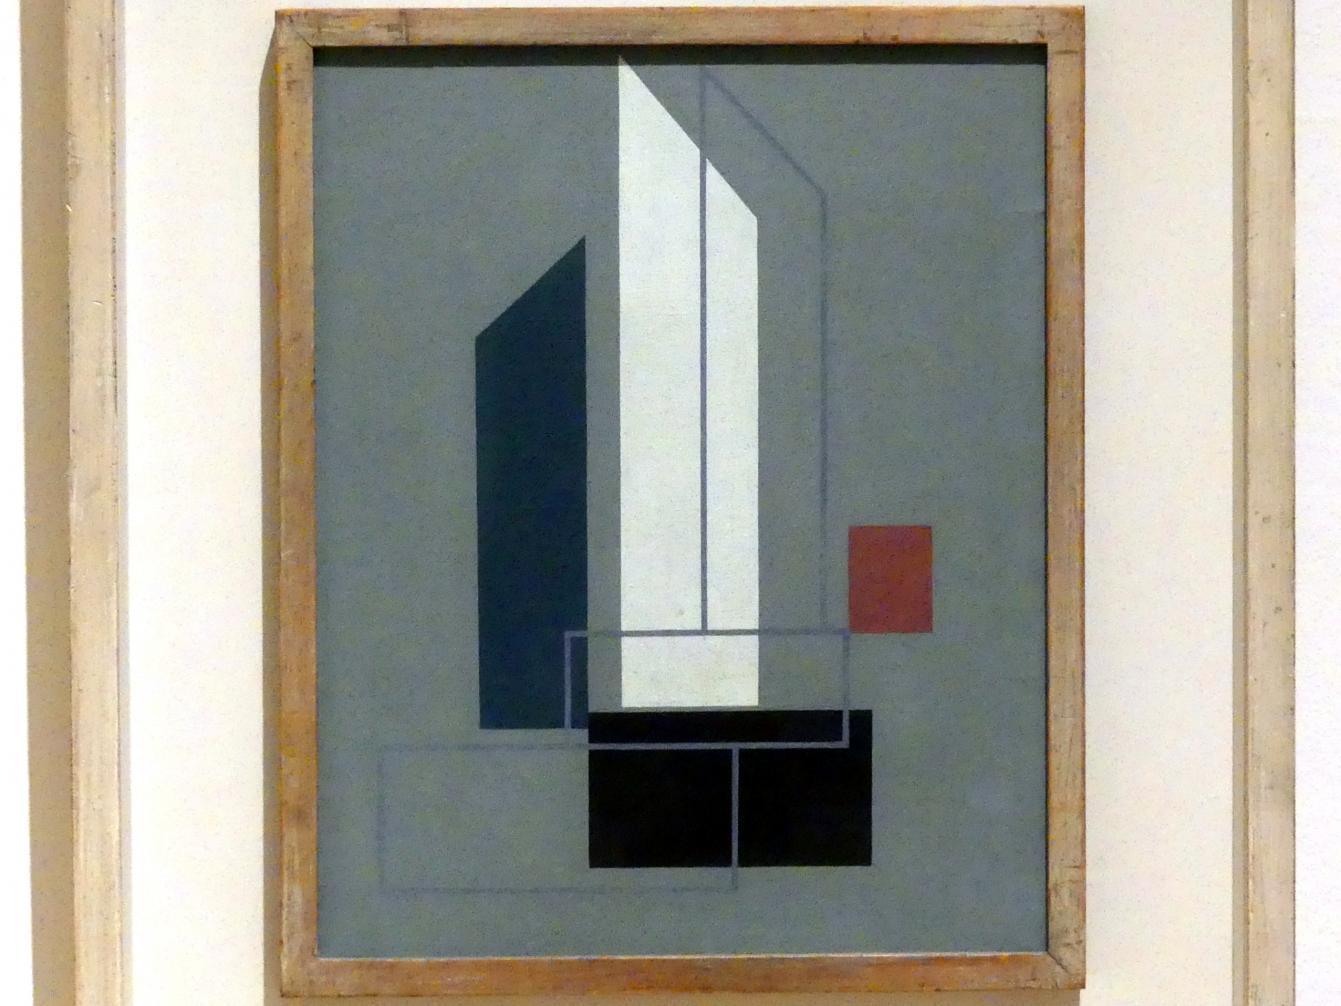 John Cecil Stephenson: Painting II, 1937